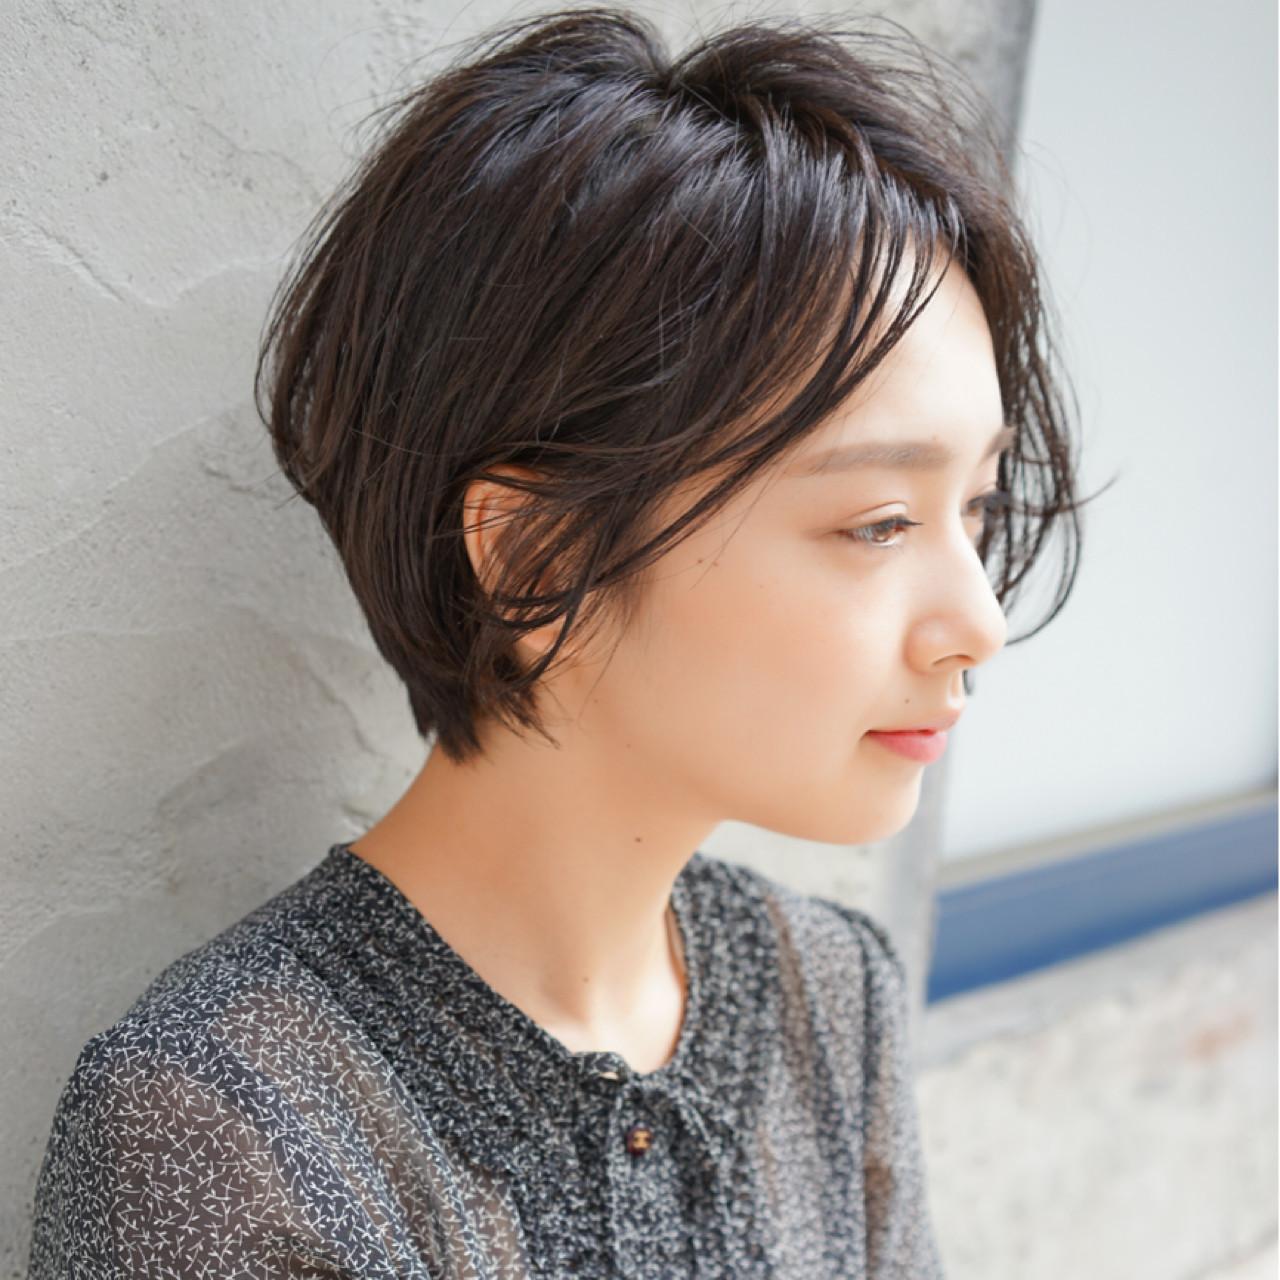 「SUGAO」のティントでジュレな唇♡どれも魅力的な全色紹介!の3枚目の画像